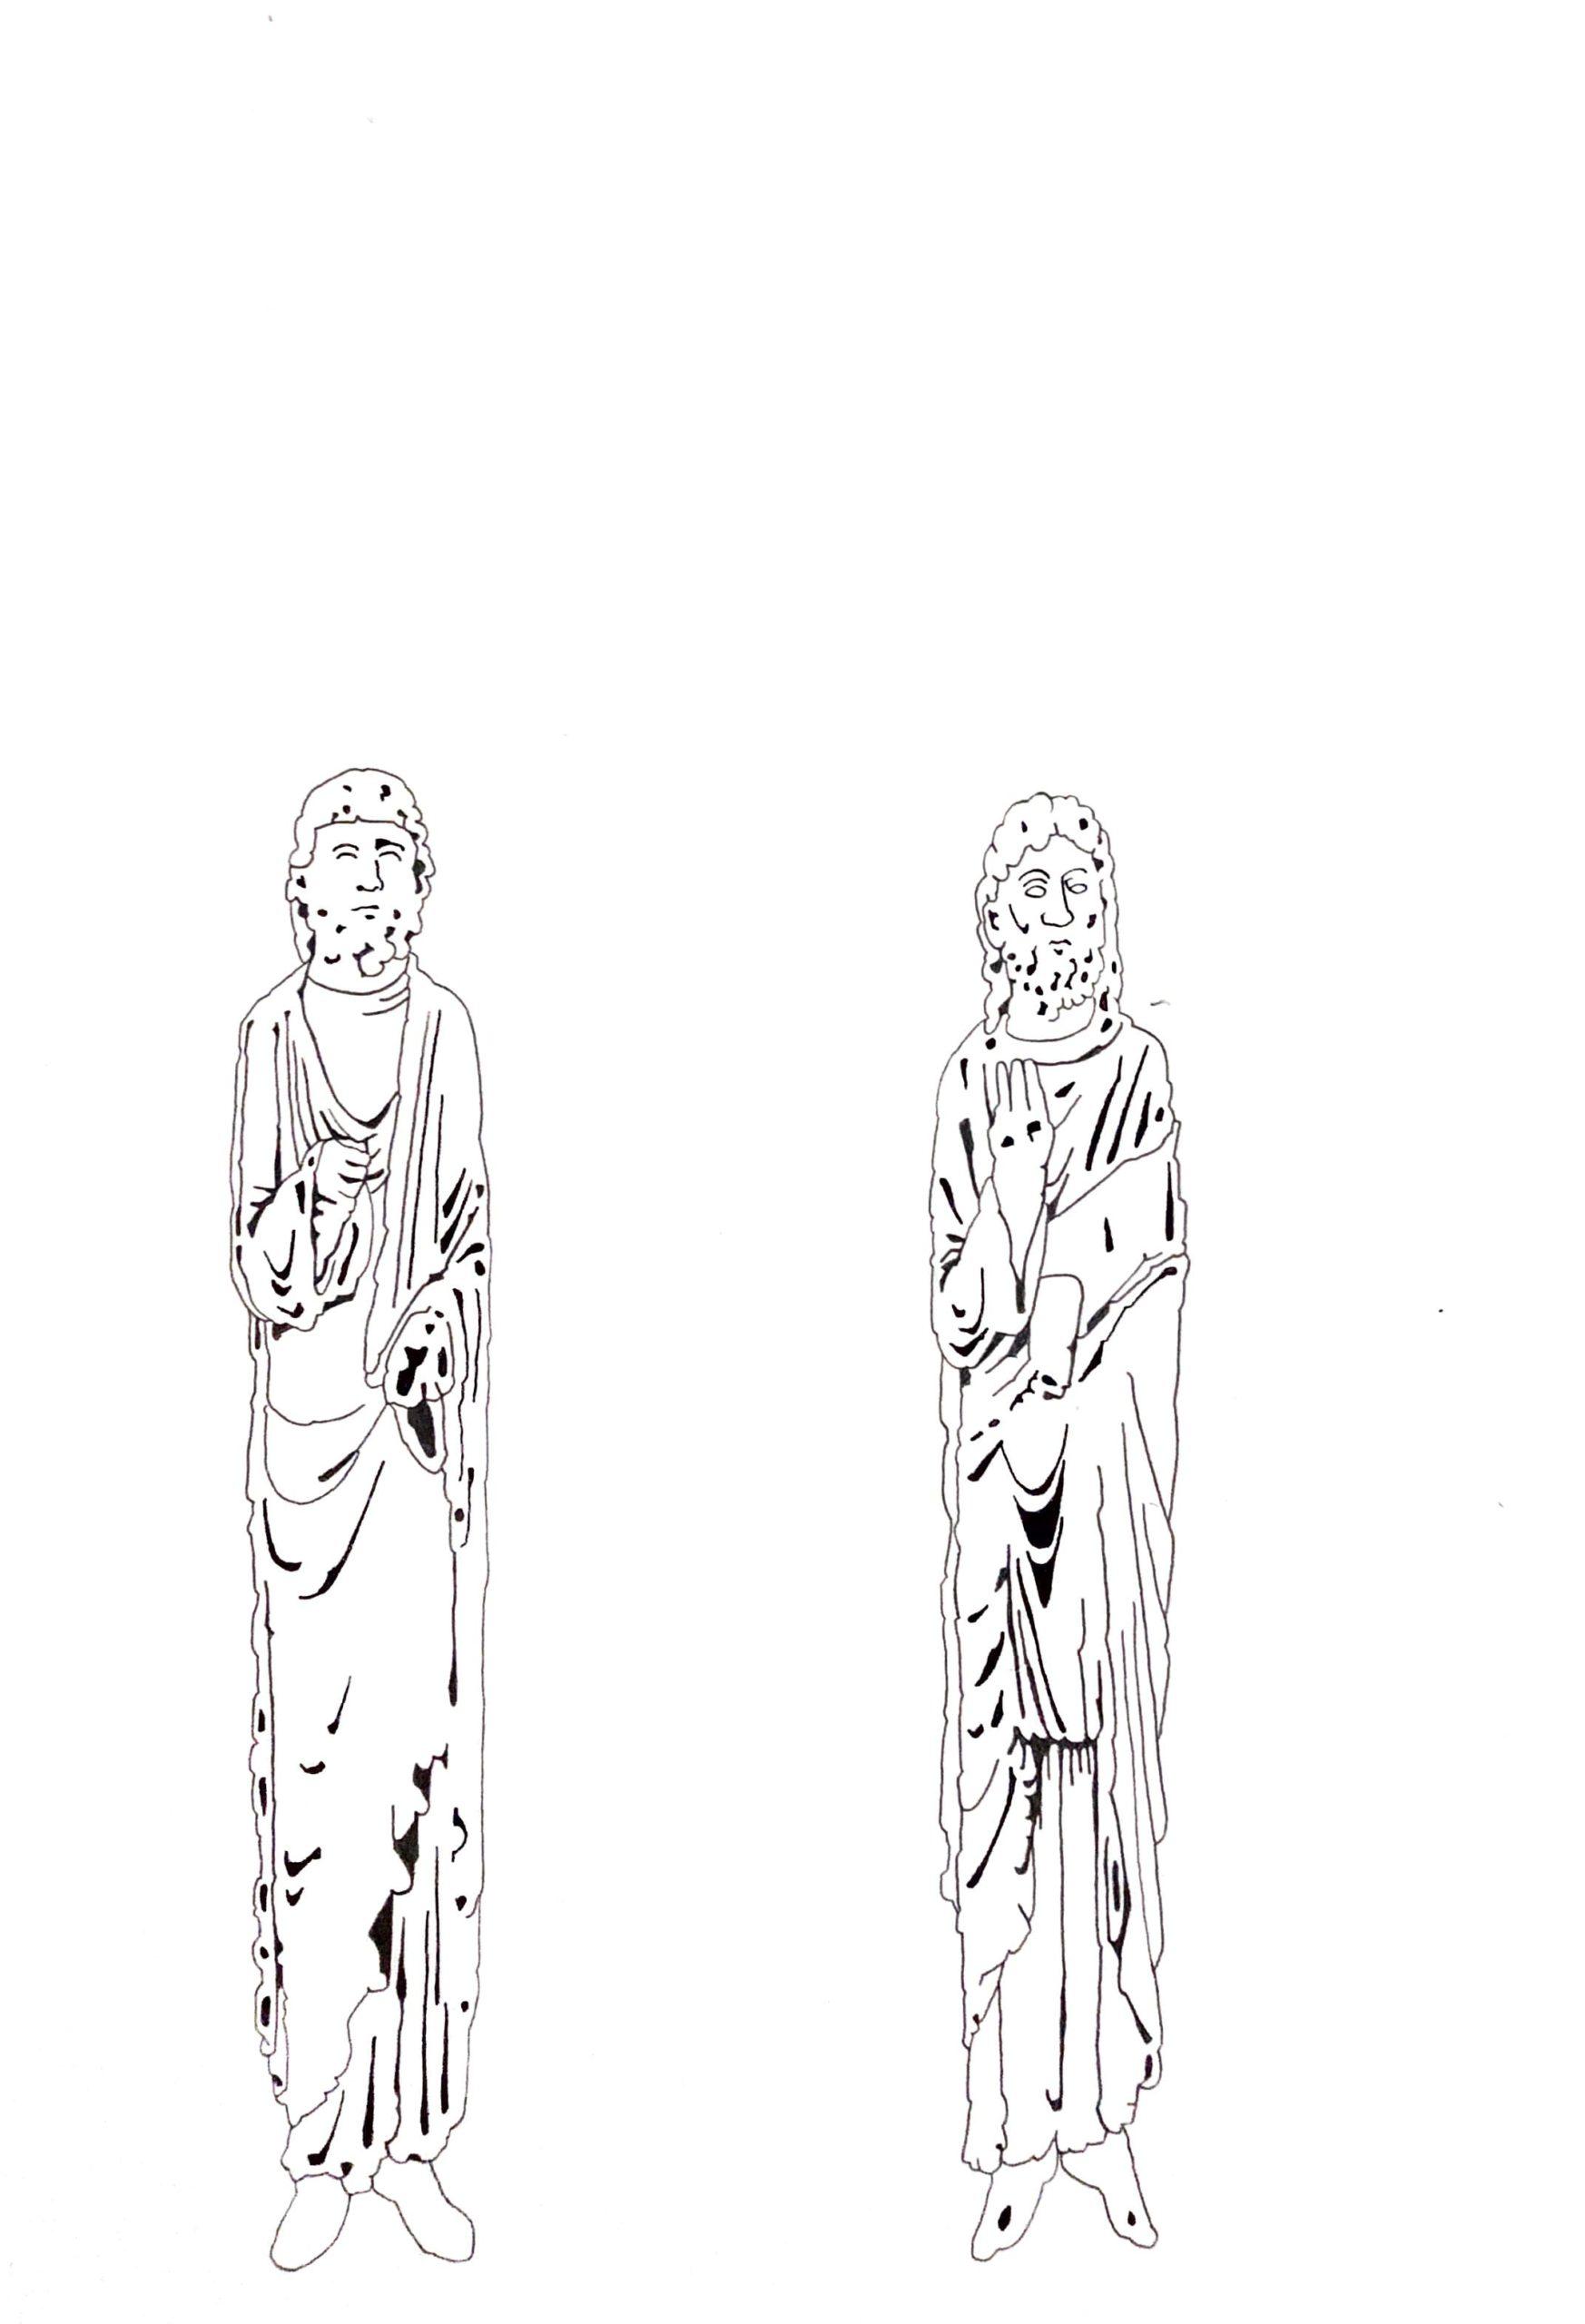 Matthias Huber, keep distance: Lehre I, Graphit auf Papier, 21x29,7cm, 2020